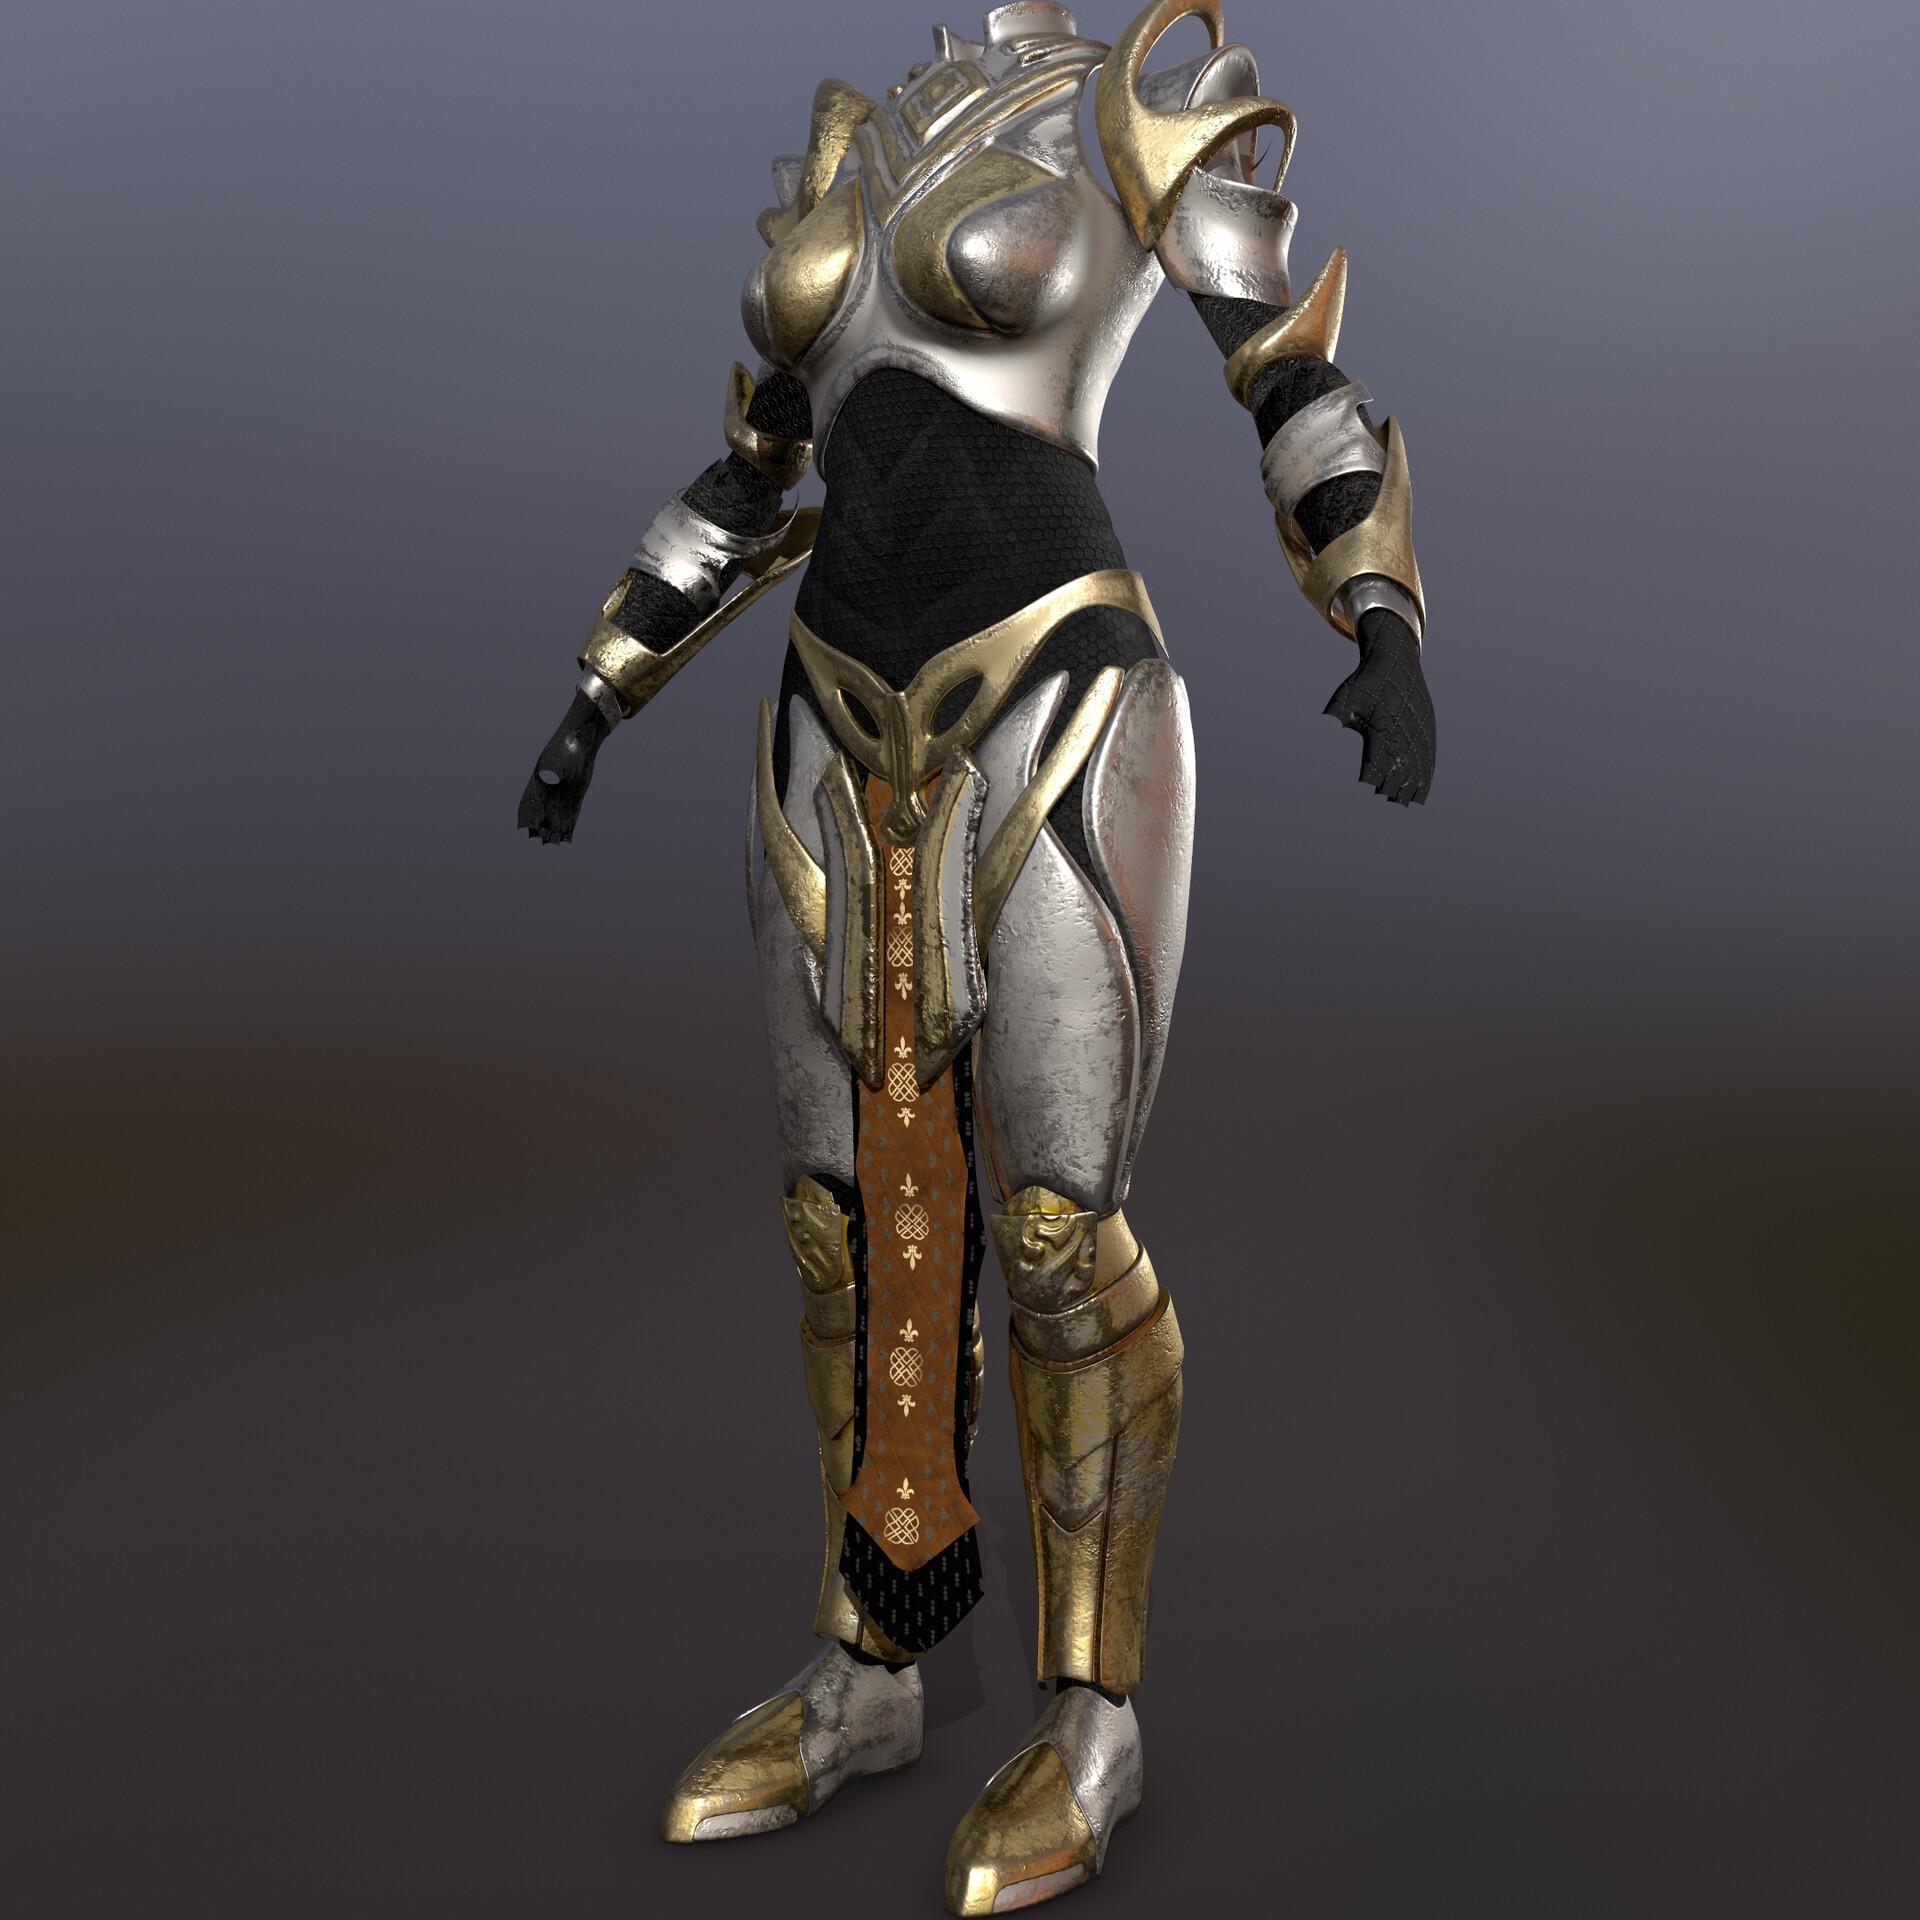 ArtStation - Full heavy armor for Warrior female character V